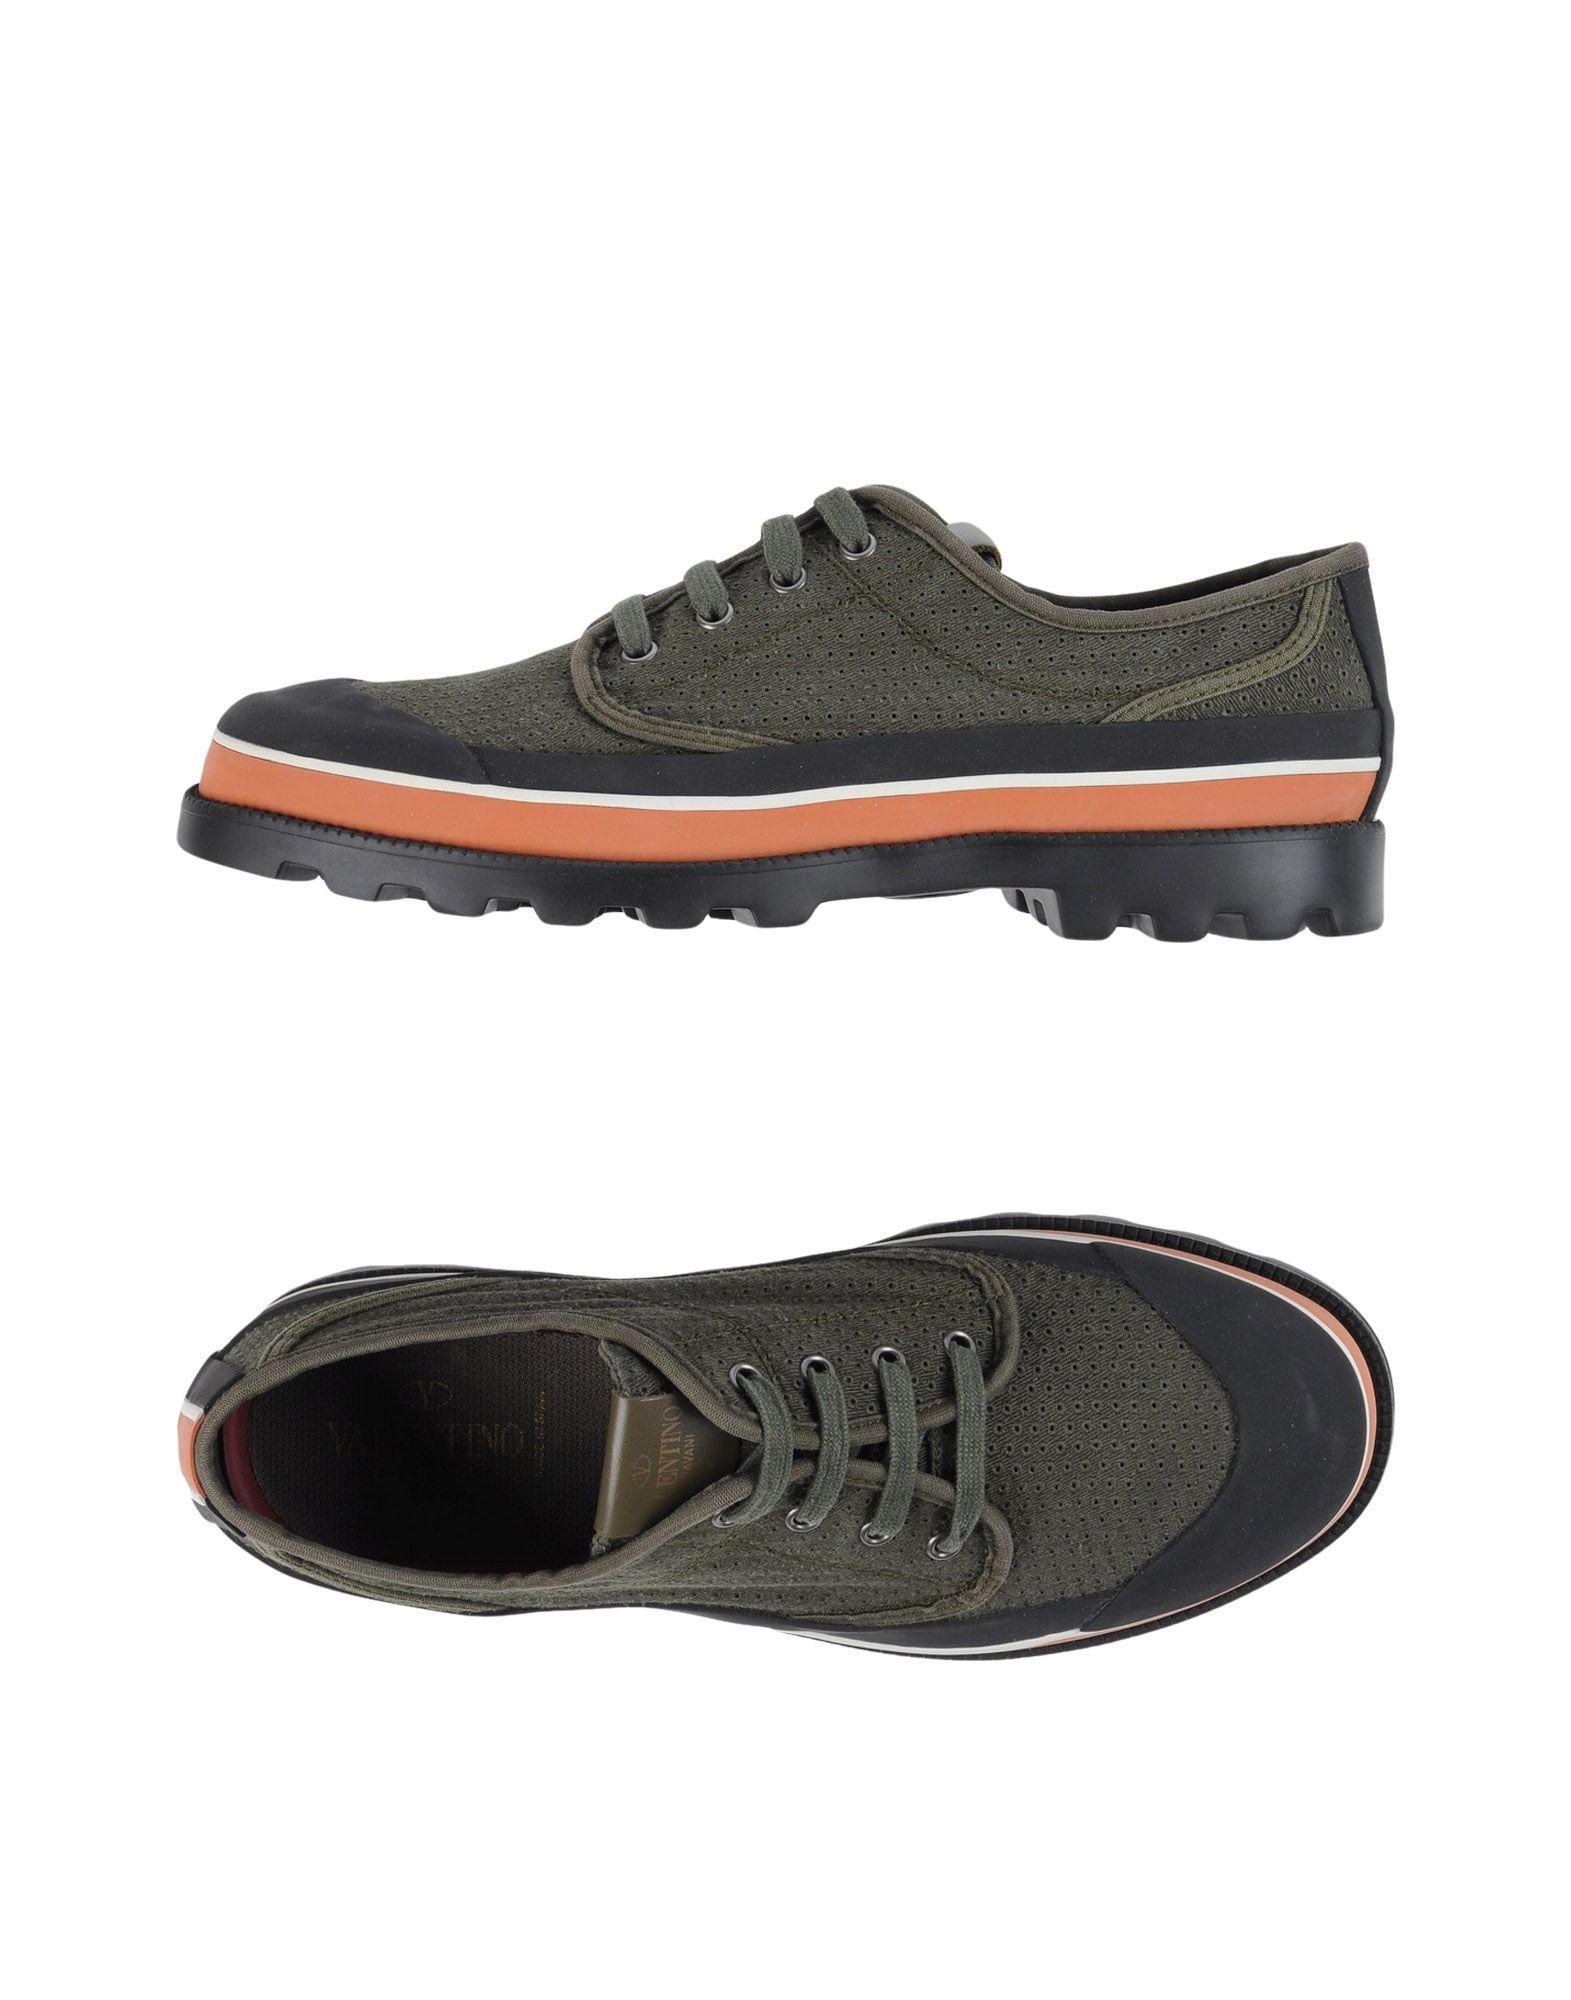 VALENTINO GARAVANI Herren Low Sneakers & Tennisschuhe Farbe Militärgrün Größe 10 - broschei